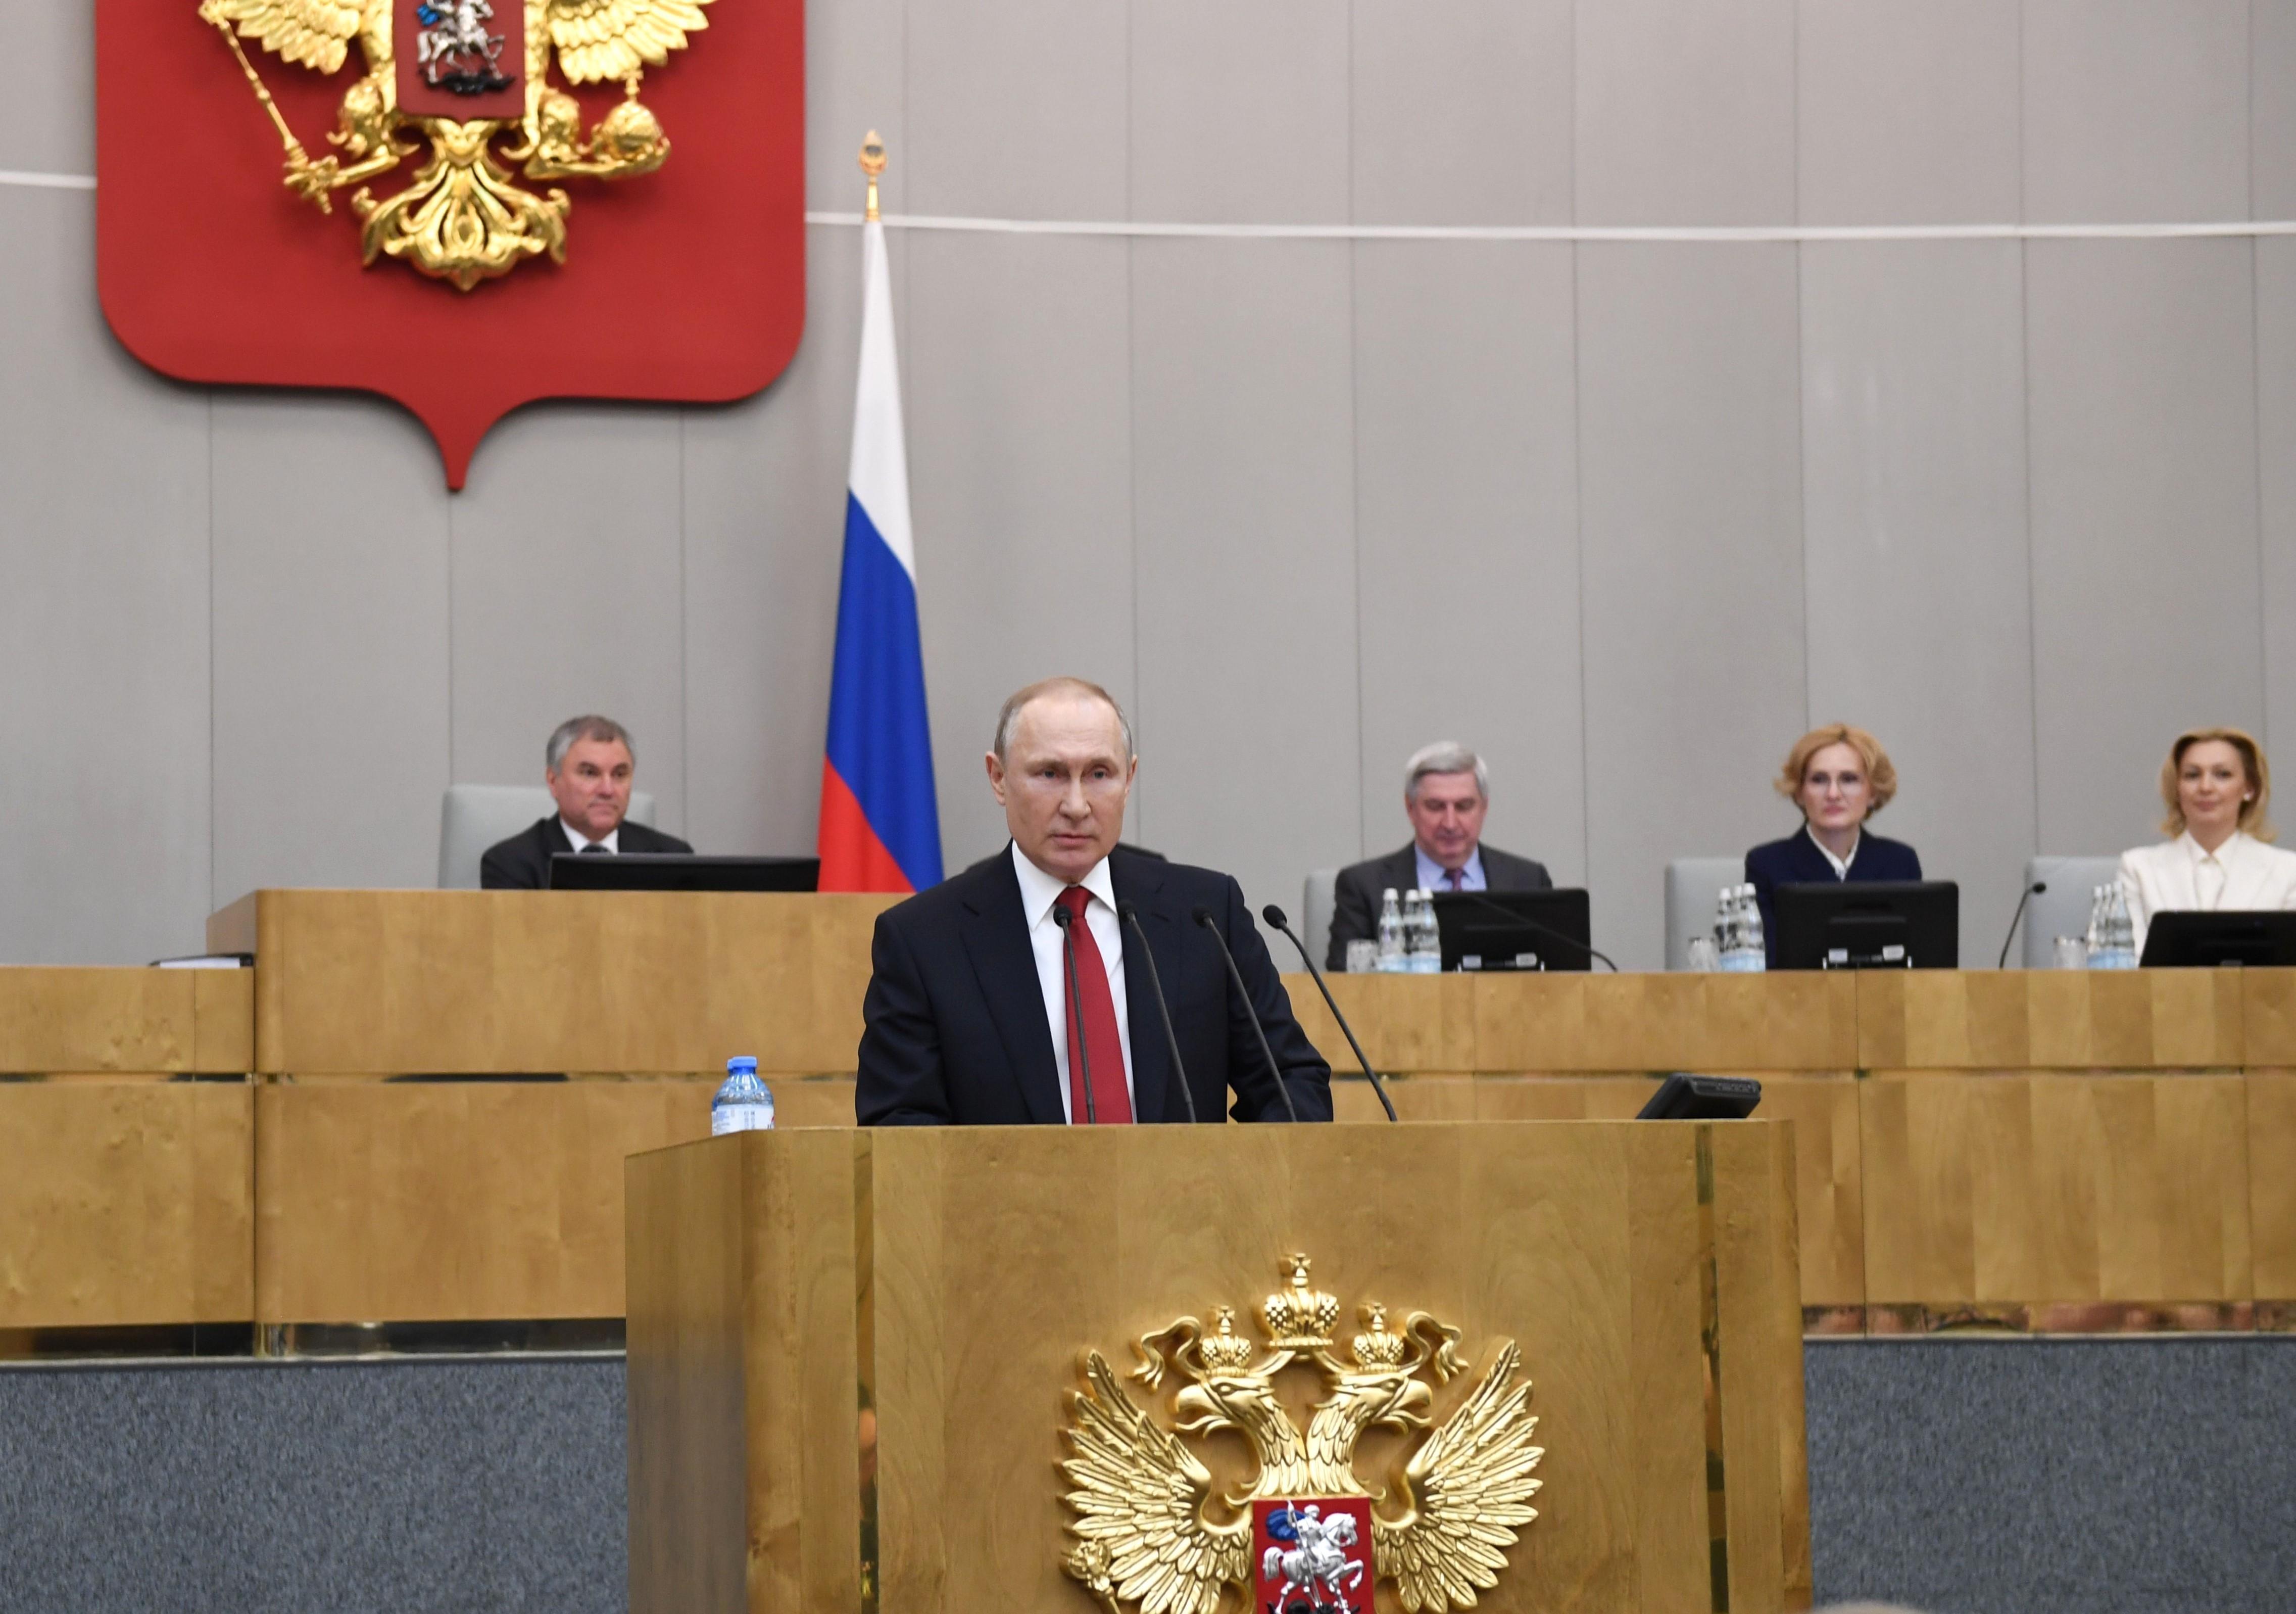 Nga dự kiến hoãn bỏ phiếu về sửa đổi Hiến pháp do dịch COVID-19 ảnh 1